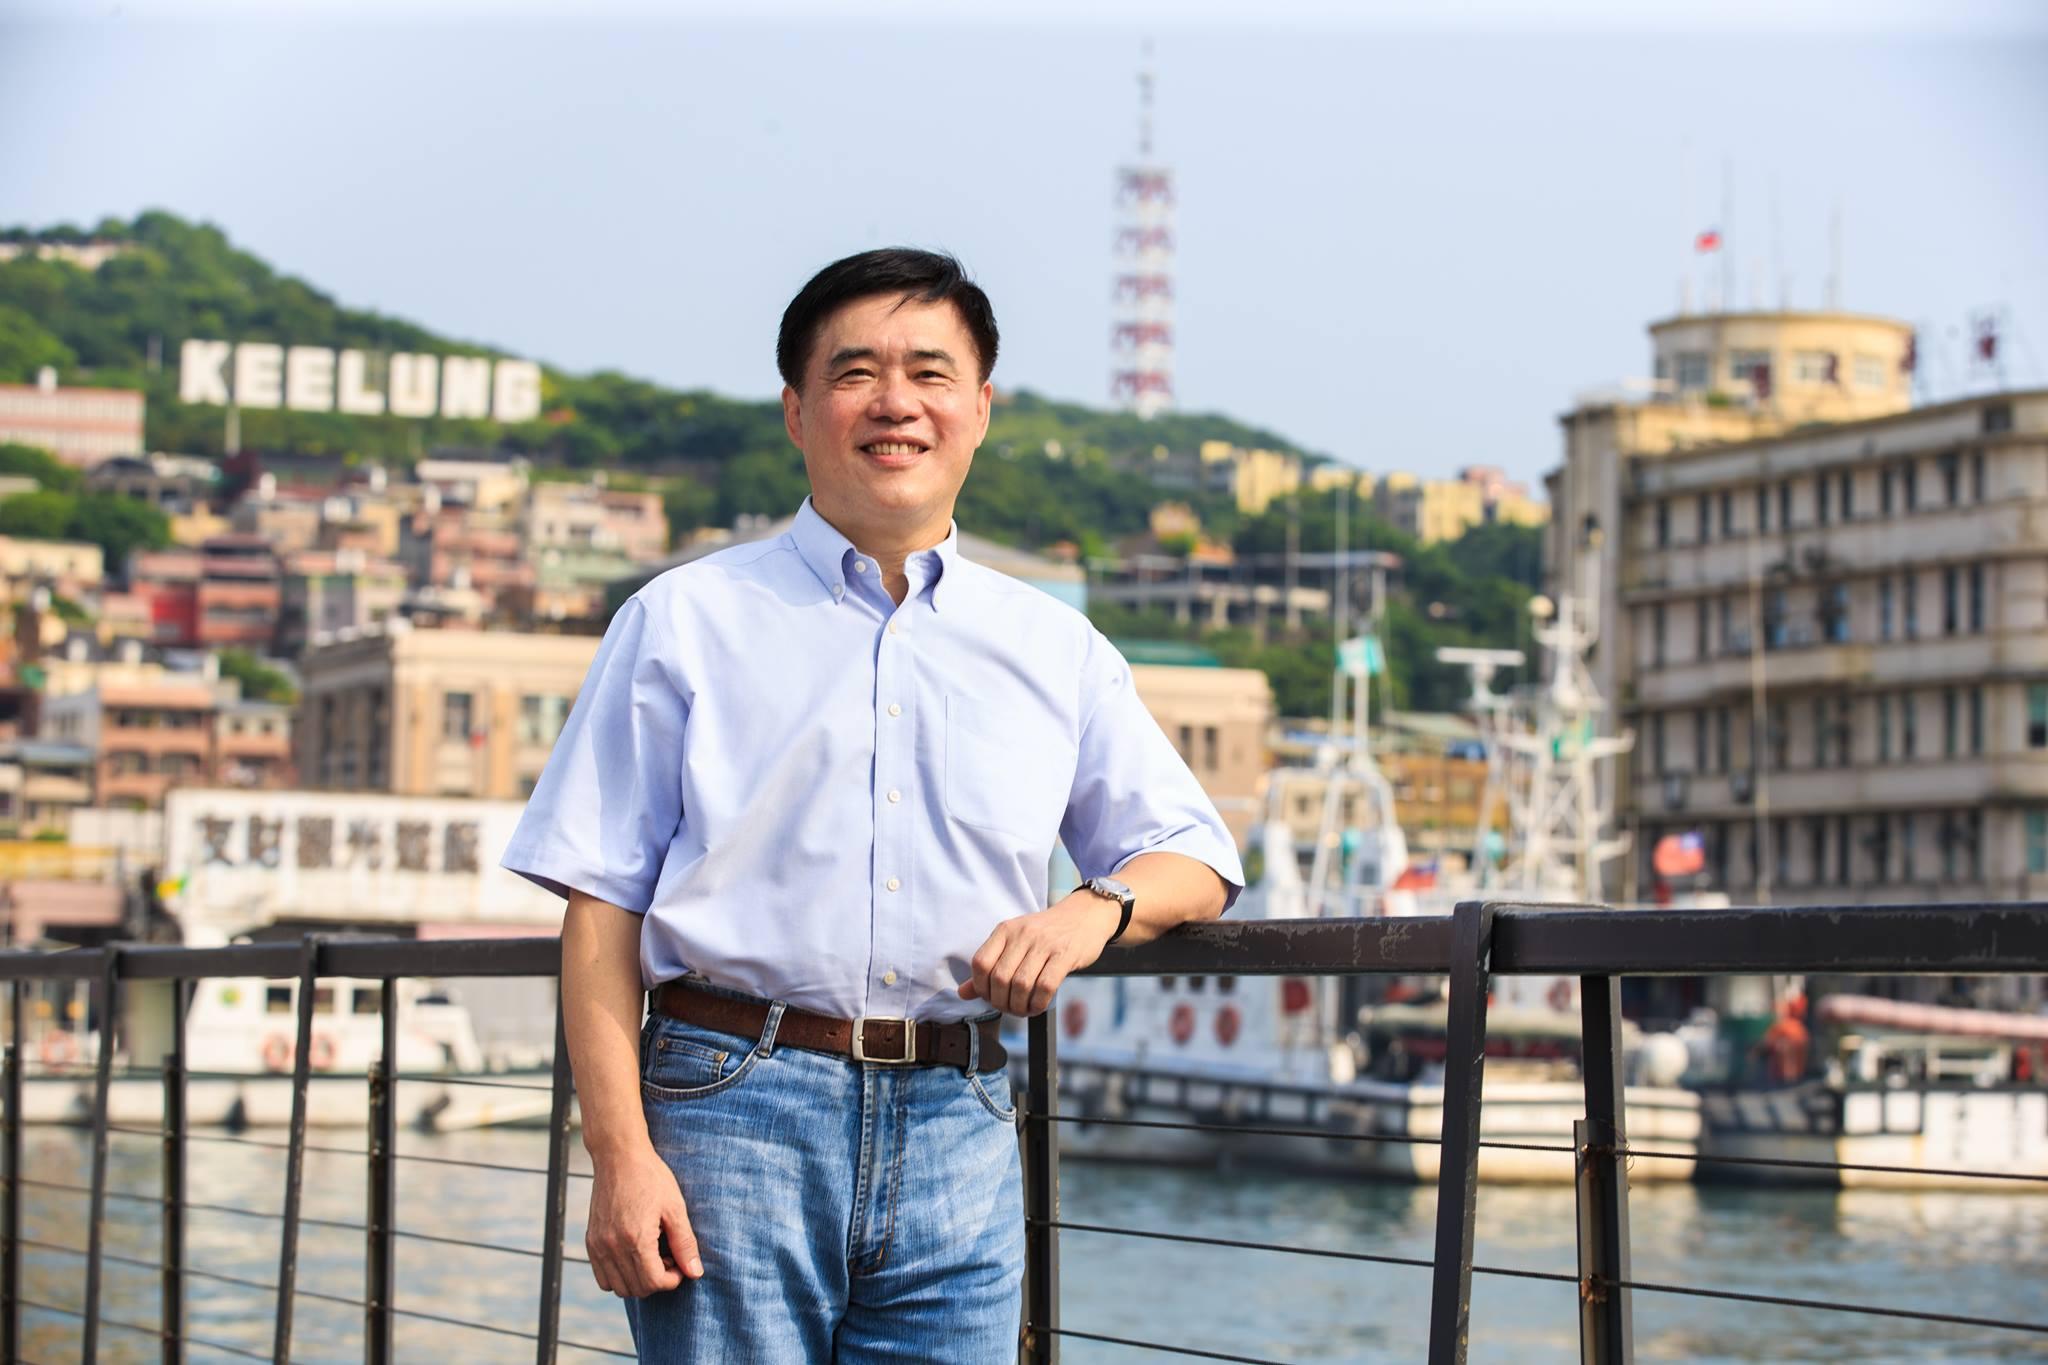 黨主席之路/郝龍斌親訪盼支持 王金平提問財務問題如何解決?